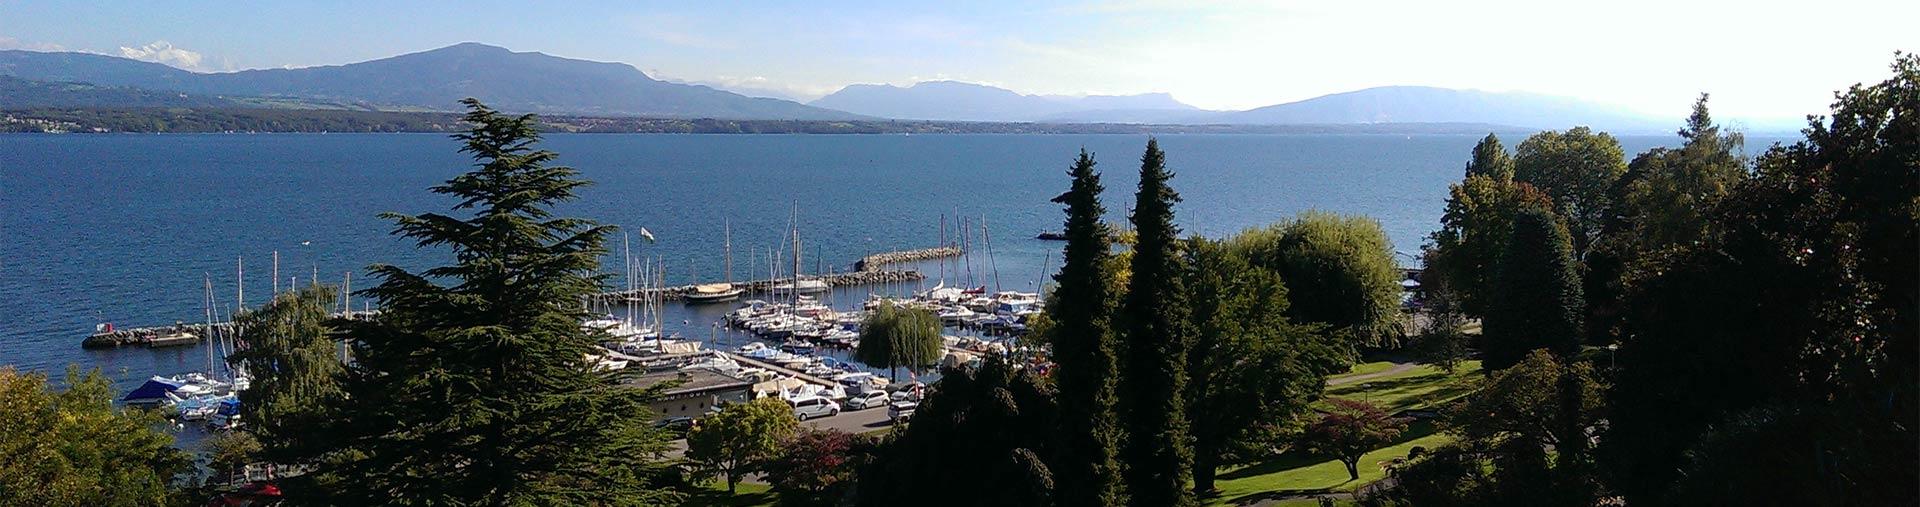 Agence web Nyon - Port, lac Léman, Mont-Blanc